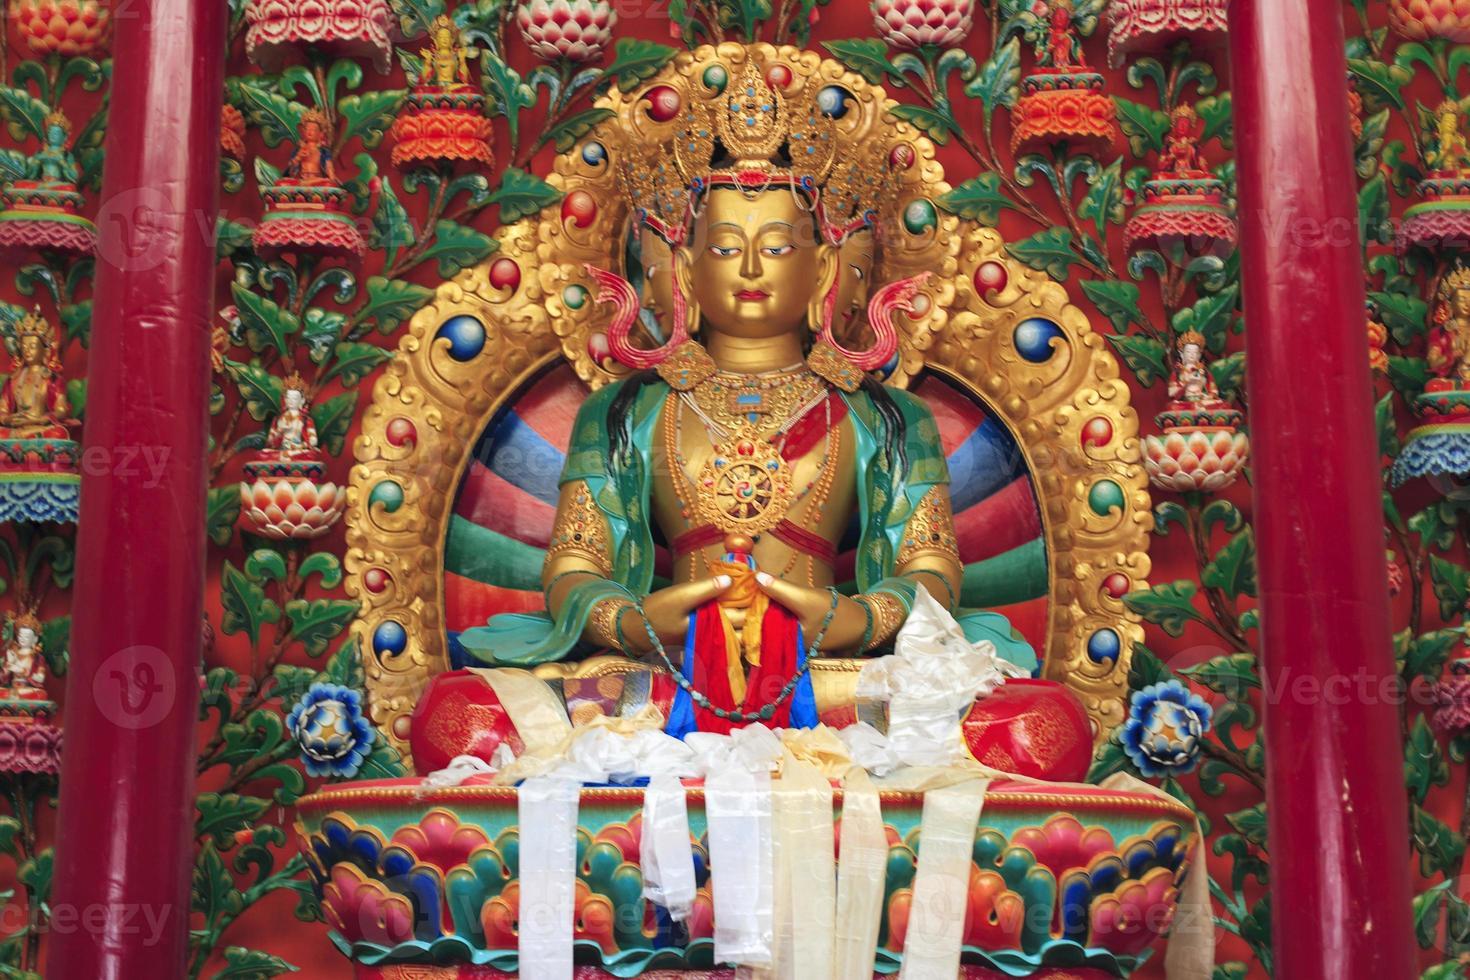 Innenräume des buddhistischen Klosters, circa Mai 2011, Ladakh, Indien foto